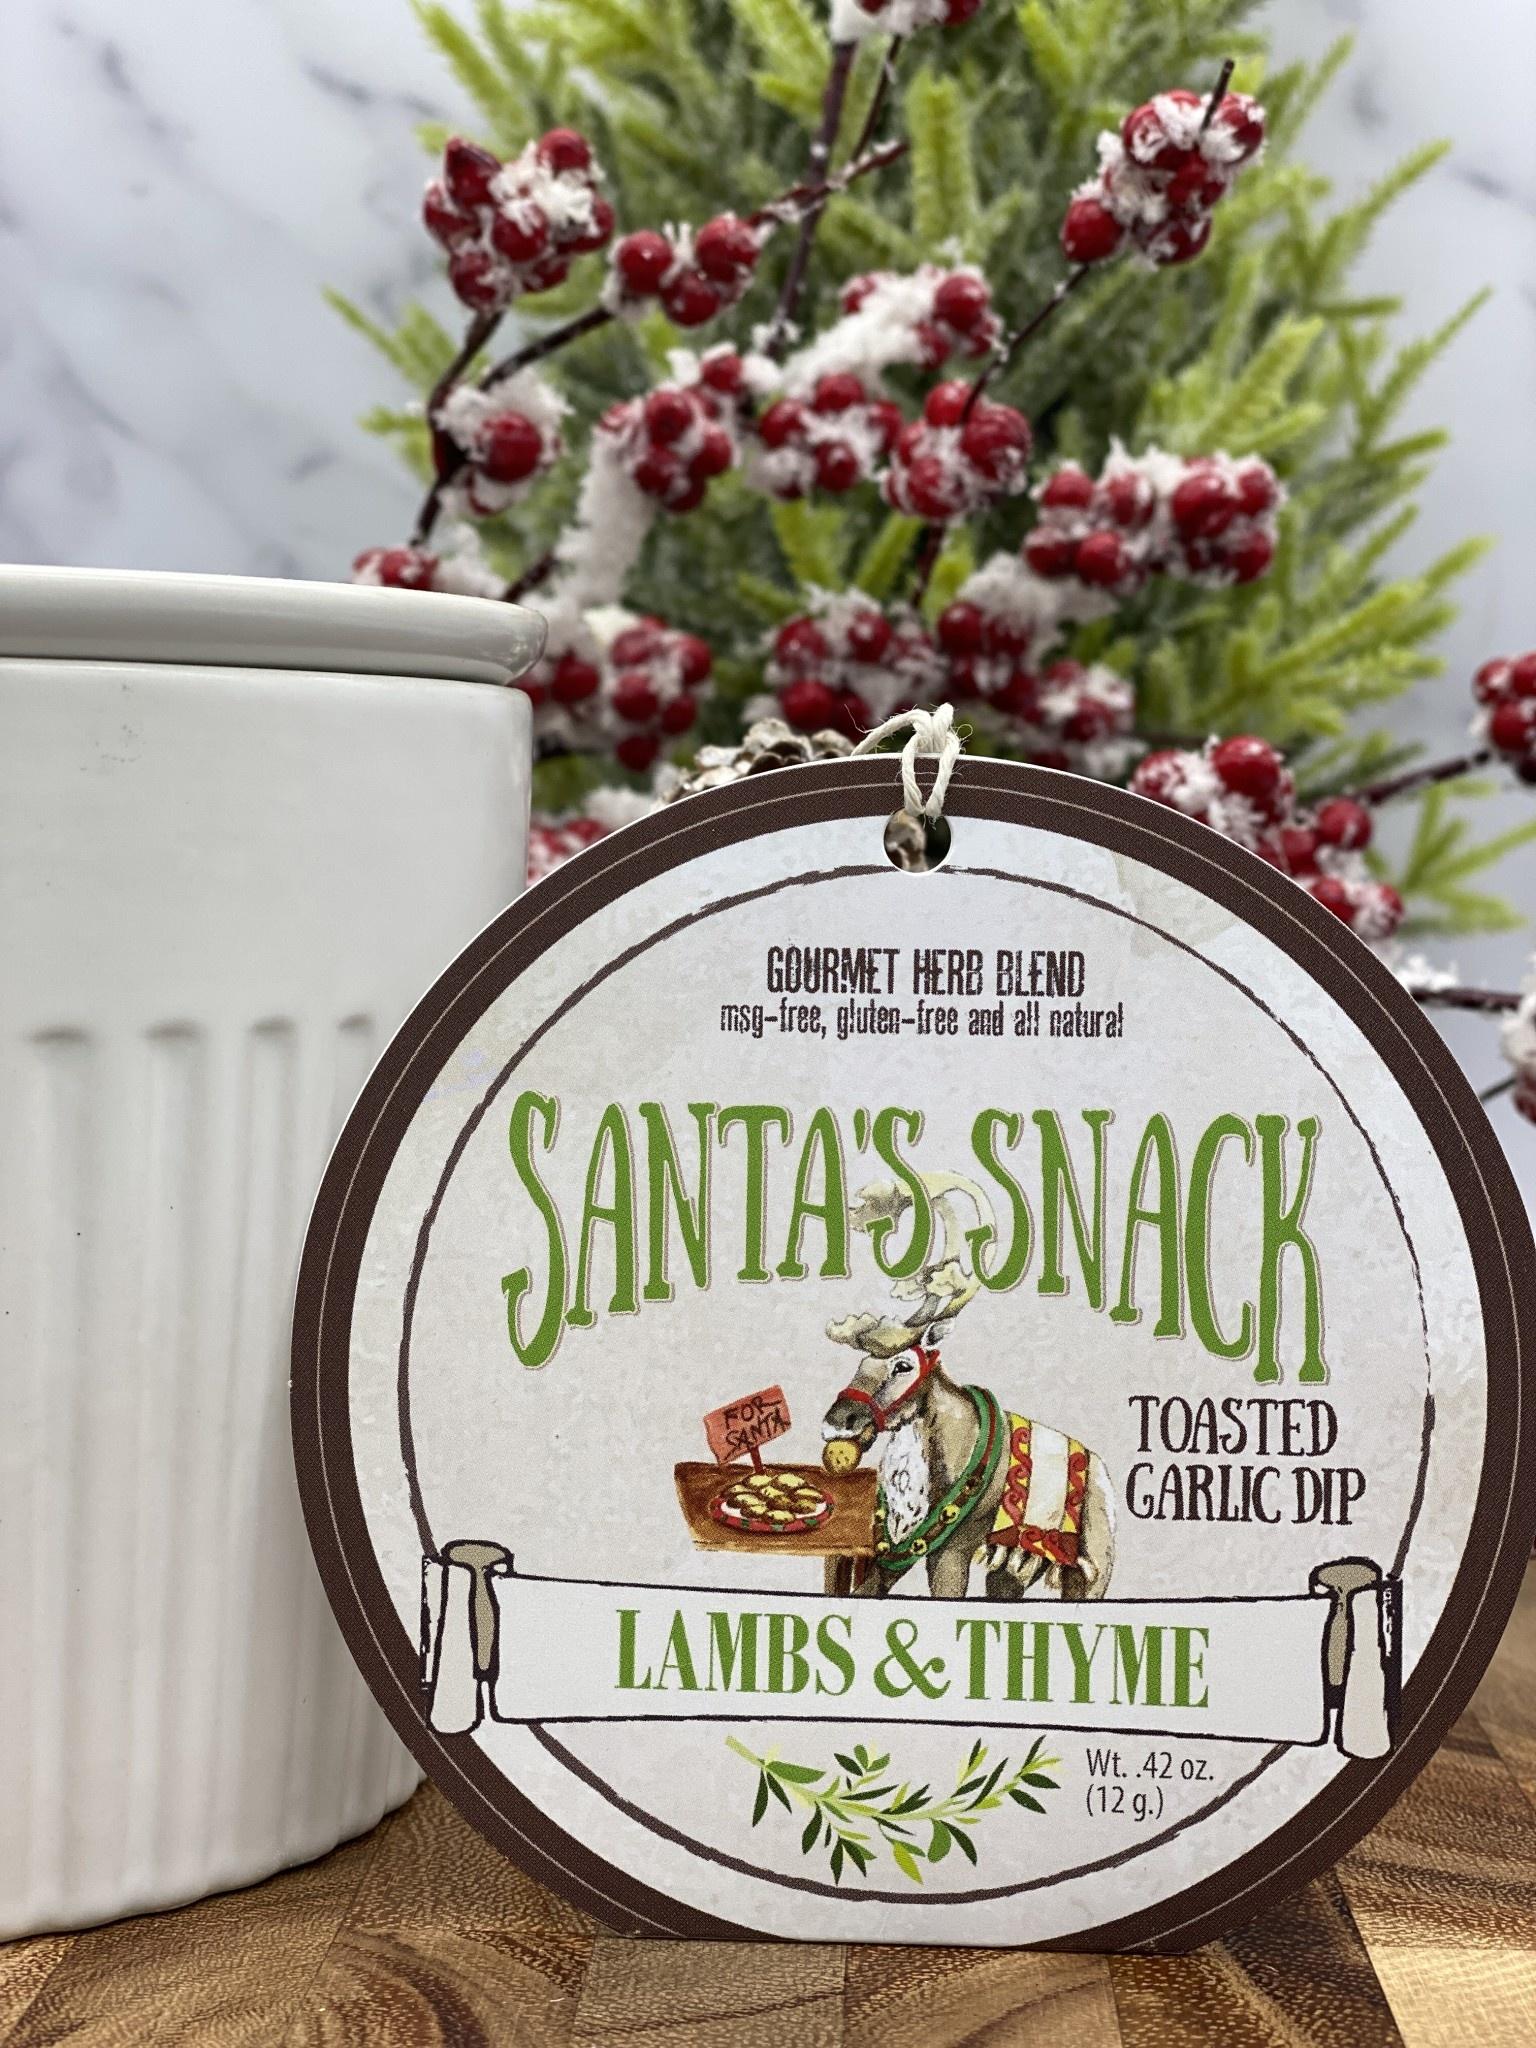 Lambs & Thyme Holiday Dips Santa's Snack